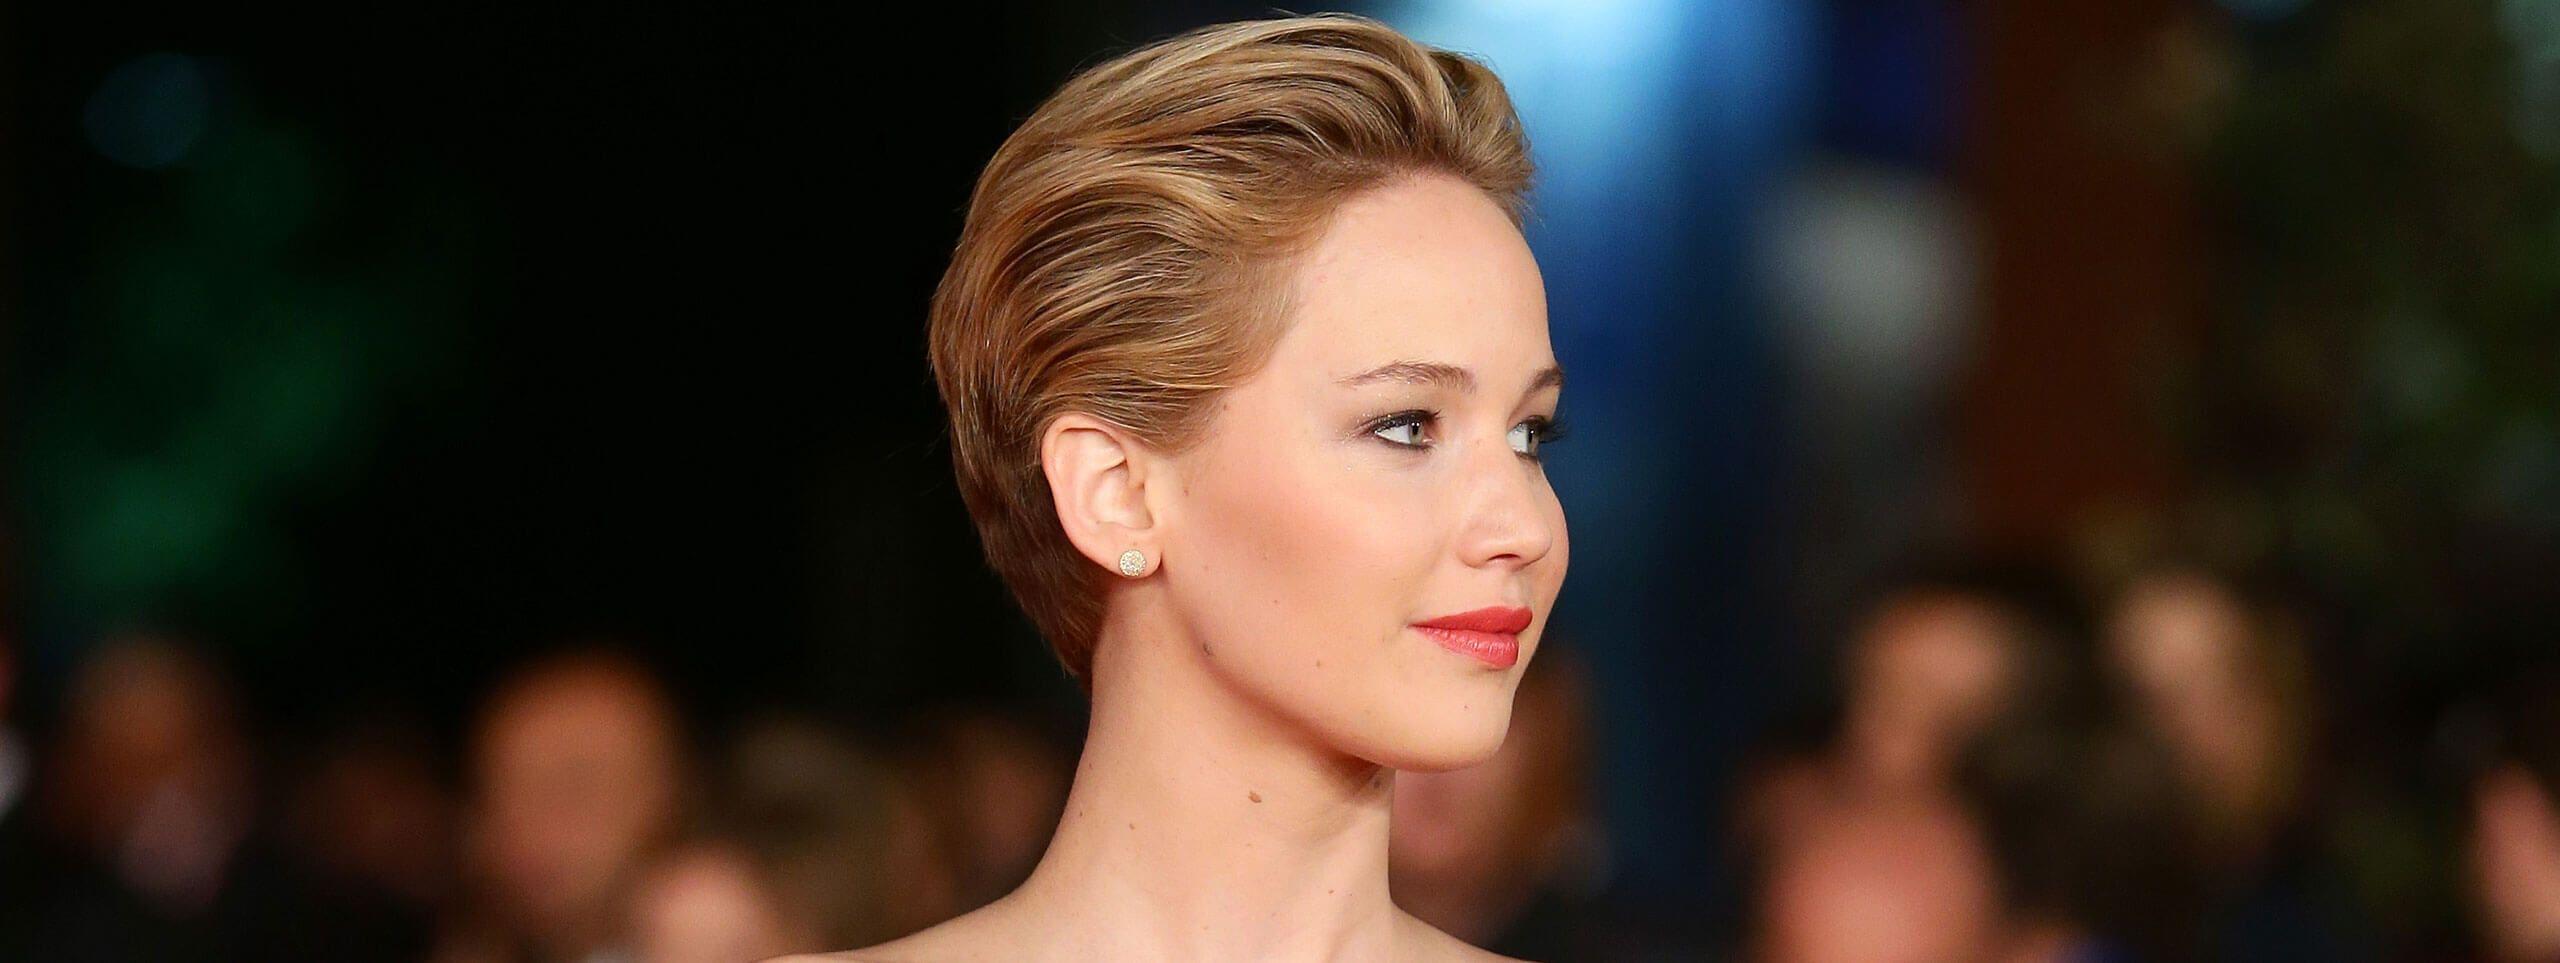 Jennifer Lawrence con pelo corto peinado elegante